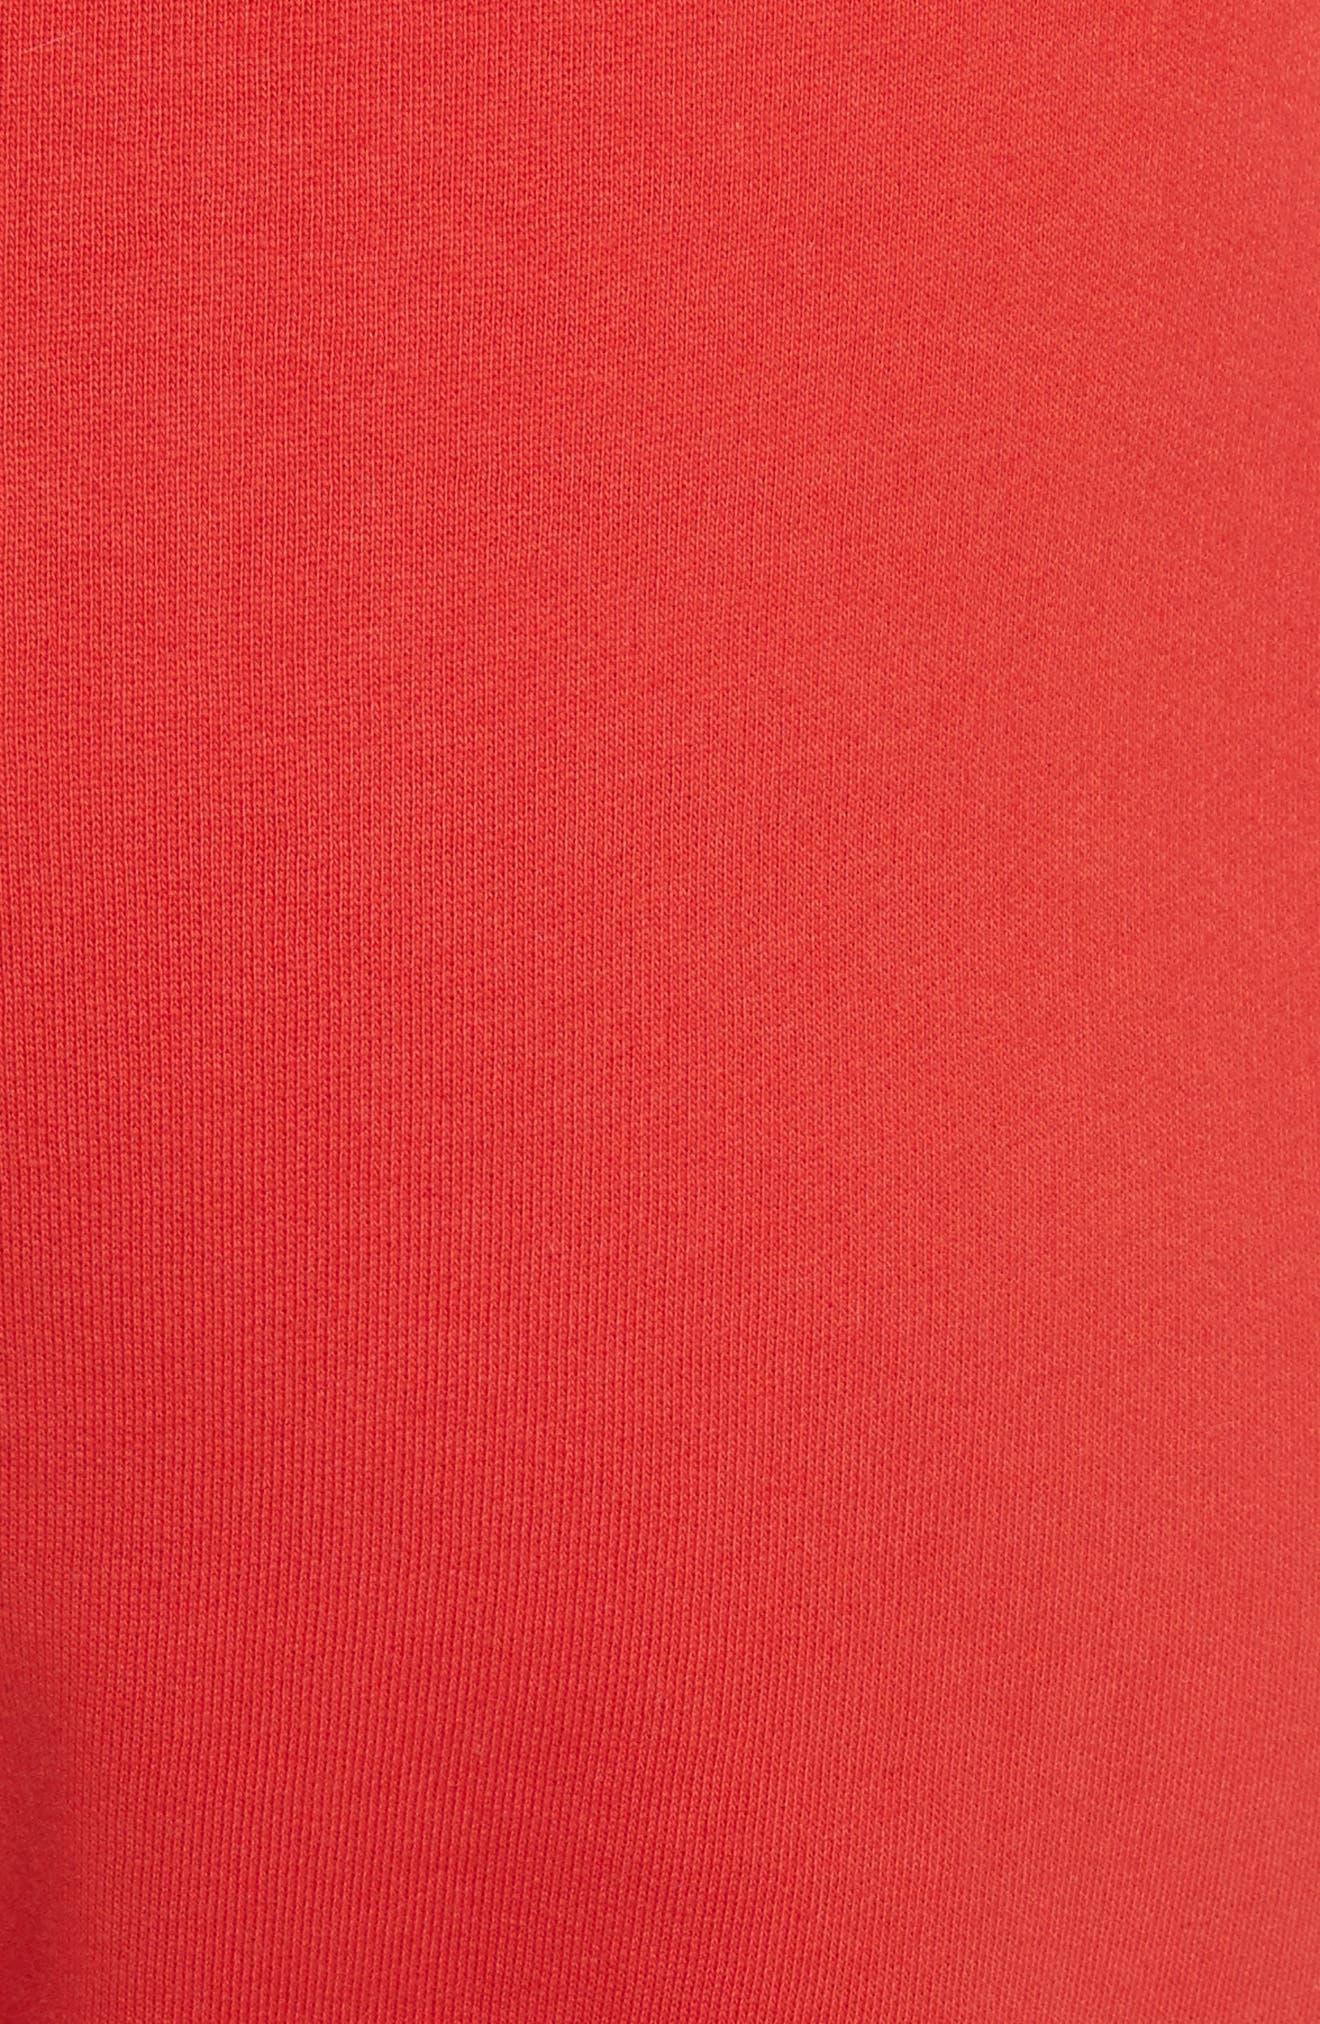 Alternate Image 6  - Opening Ceremony Elastic Logo Sweatpants (Limited Edition)